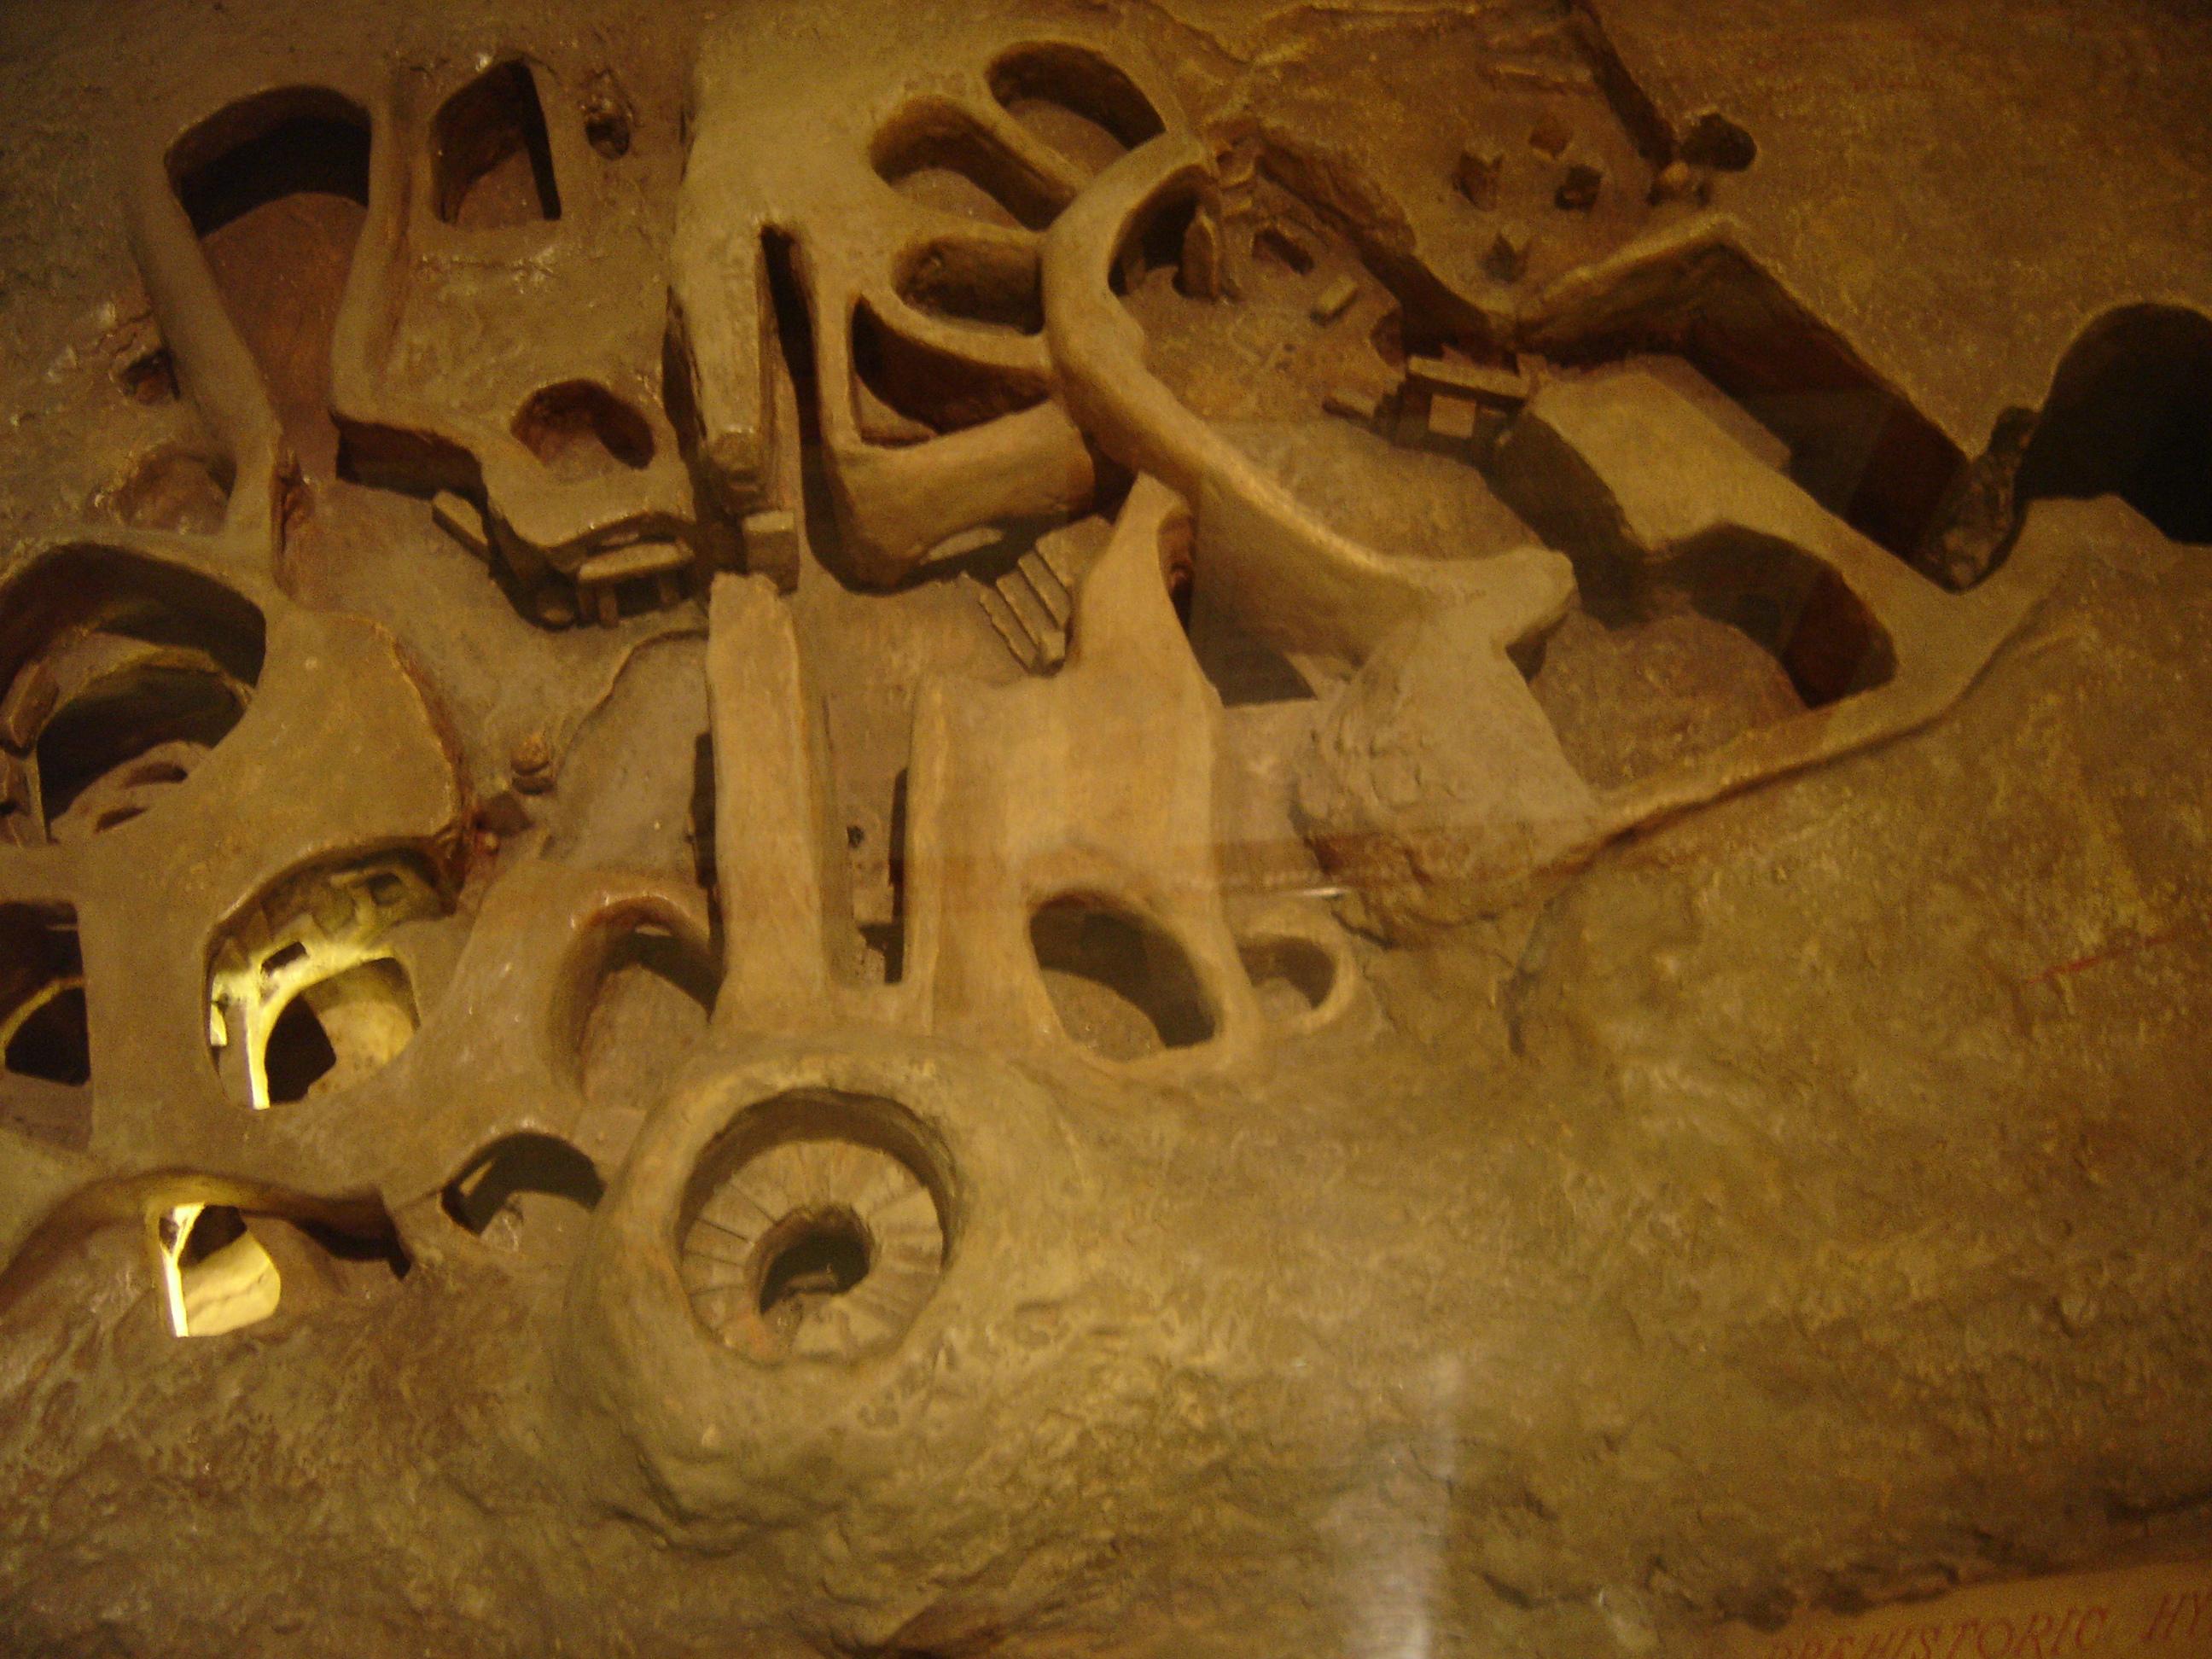 Modell der unterirdischen Hypogäum von Ħal-Saflieni von Malta aus der Vogelperspektive